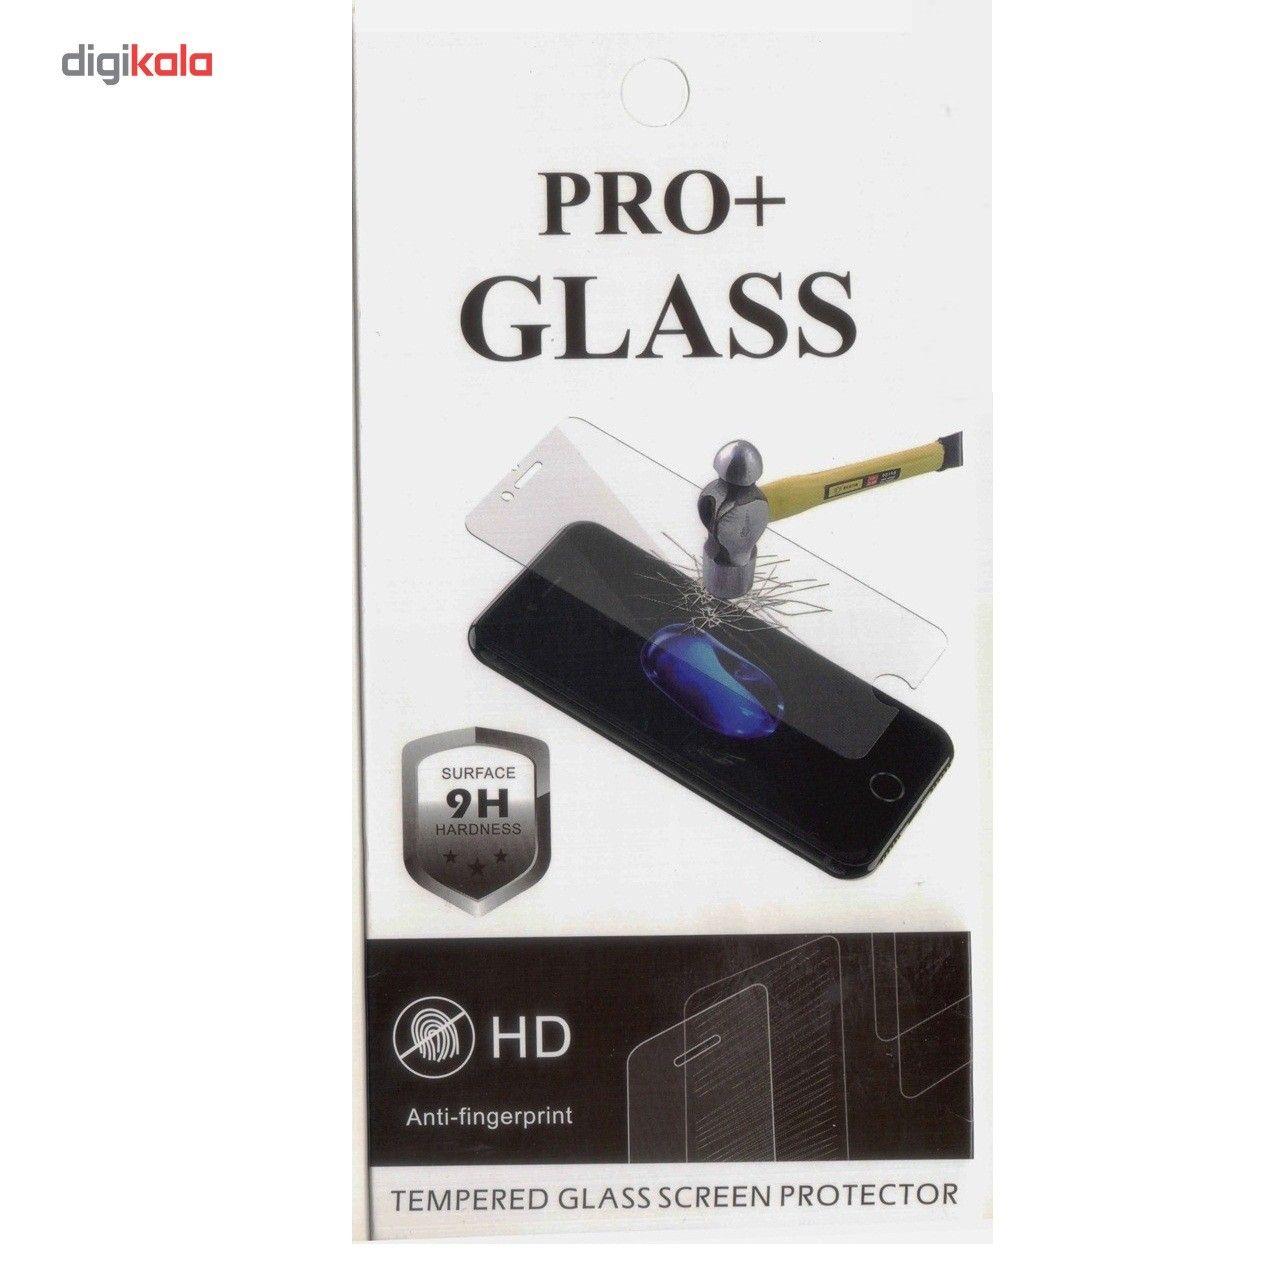 محافظ صفحه نمایش گلس پرو پلاس مدل HD ANTI FINGERPRINT مناسب برای گوشی موبایل  APPLE IPHONE 7 PLUS/ 8 PLUS  main 1 1